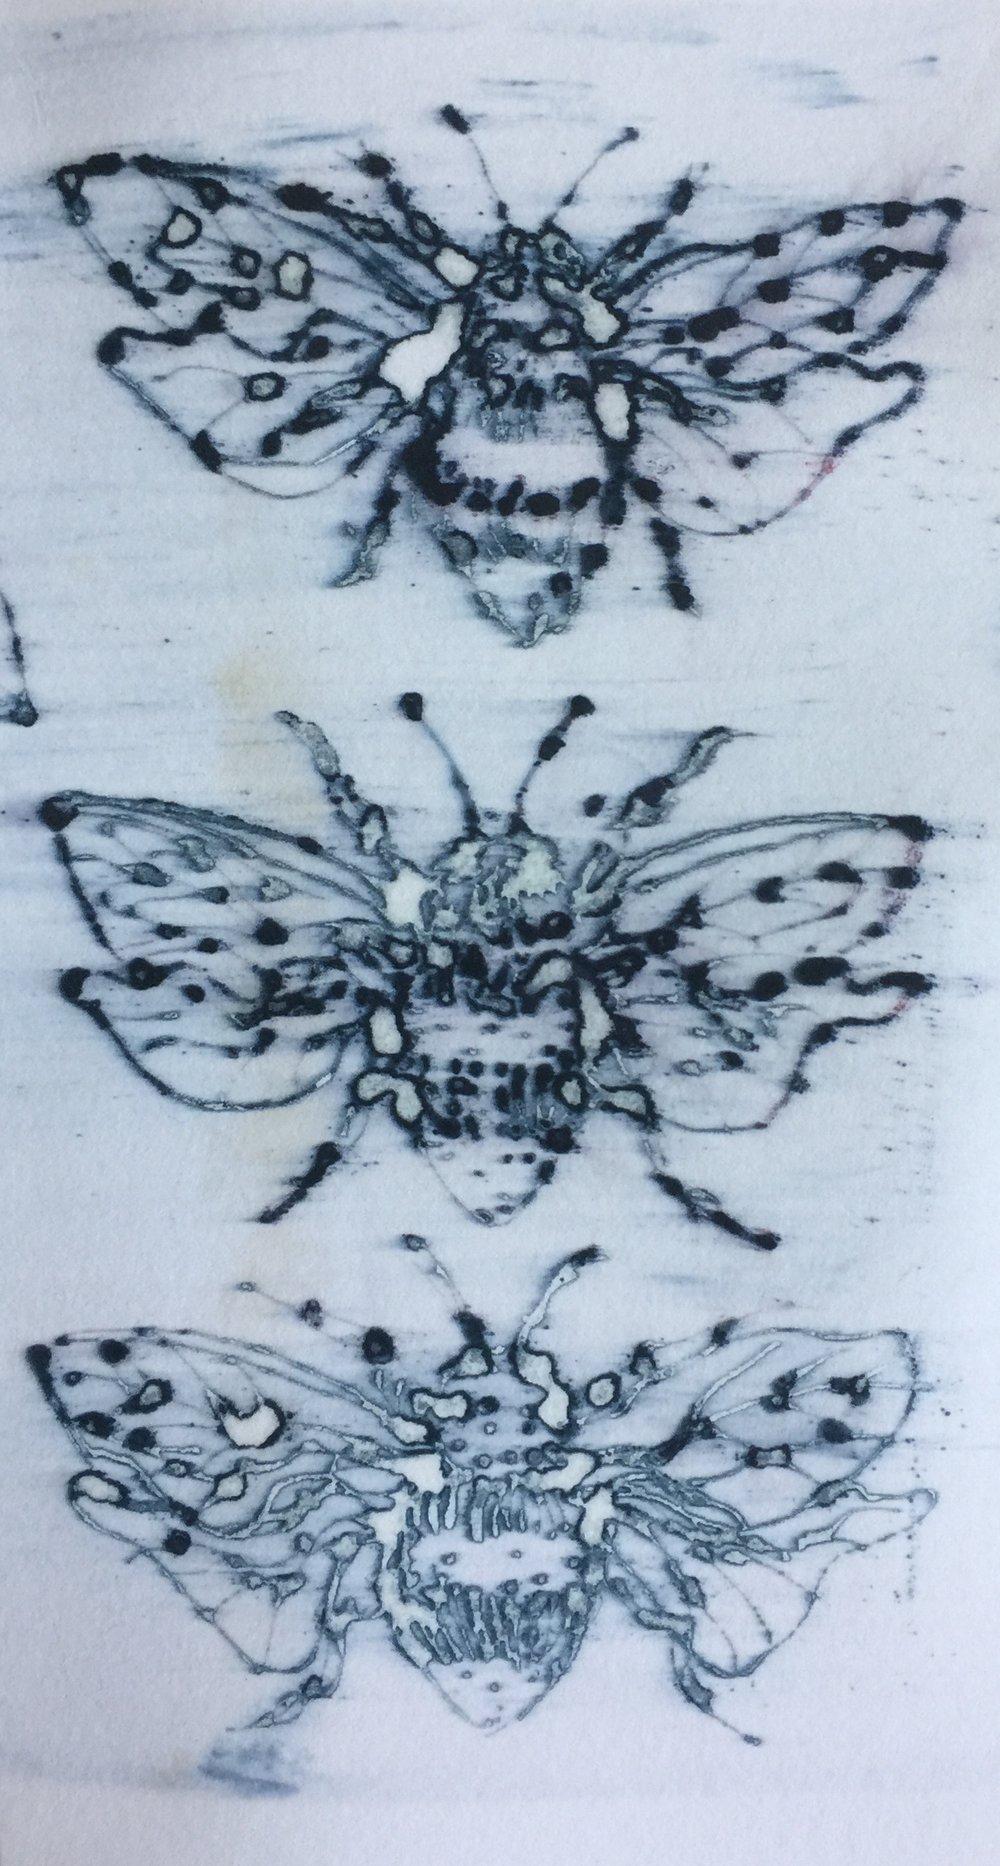 Bees on paper 2018.JPG